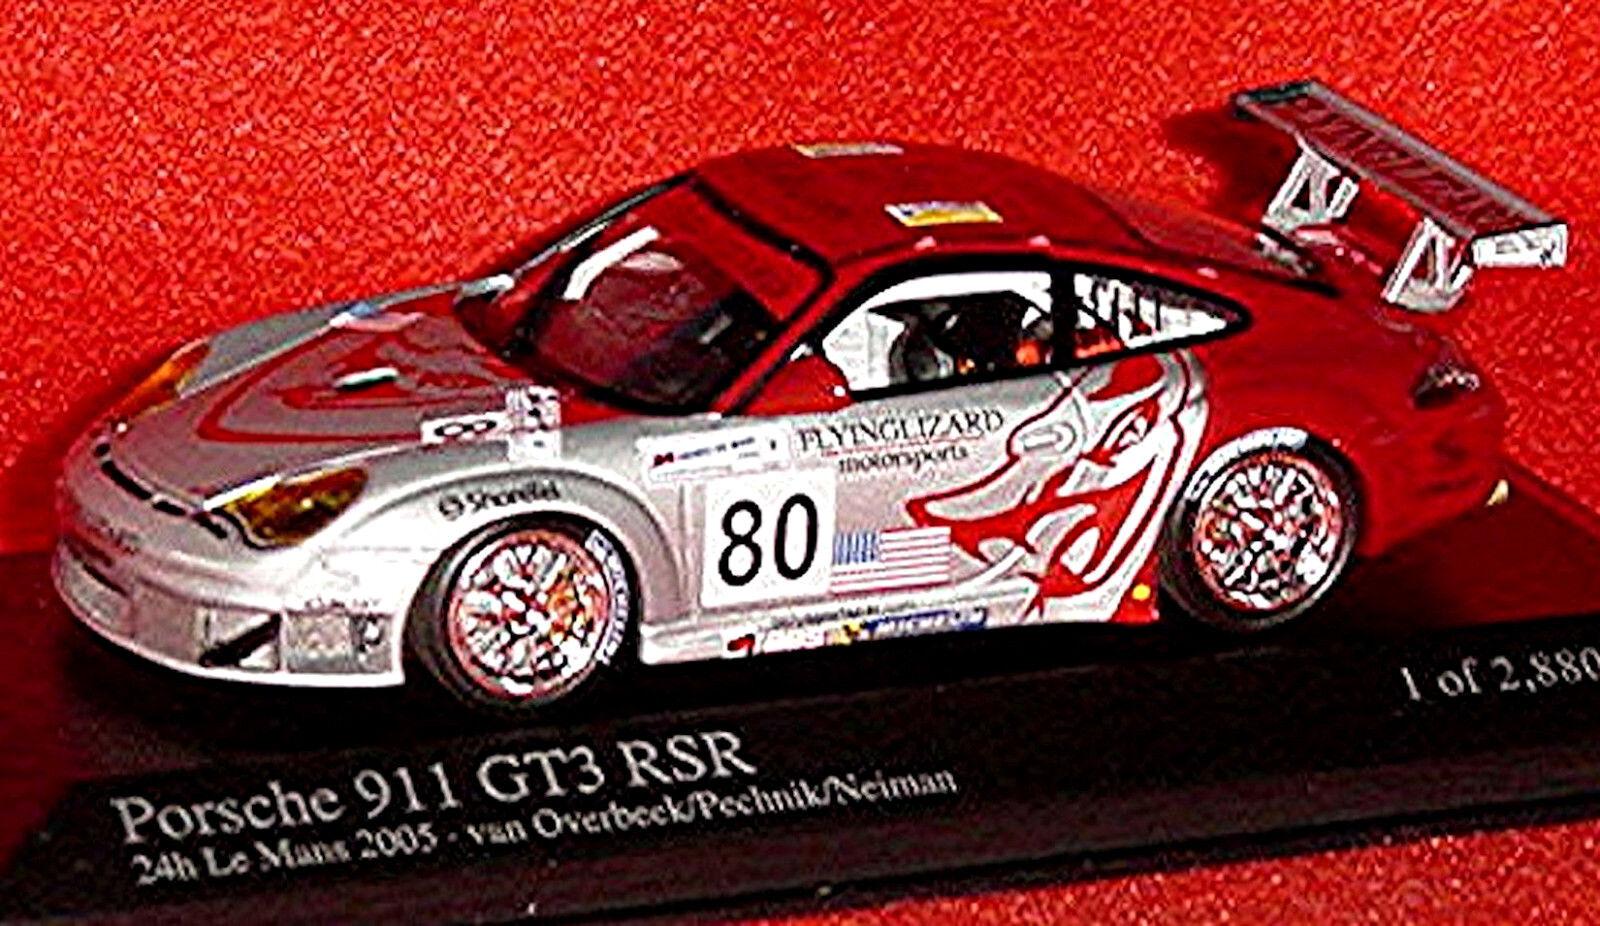 Porsche 911 GT3 Rsr 24h Lemans 2005  80 Van Overbeek Pechnik Neiman 1 43 Minicha